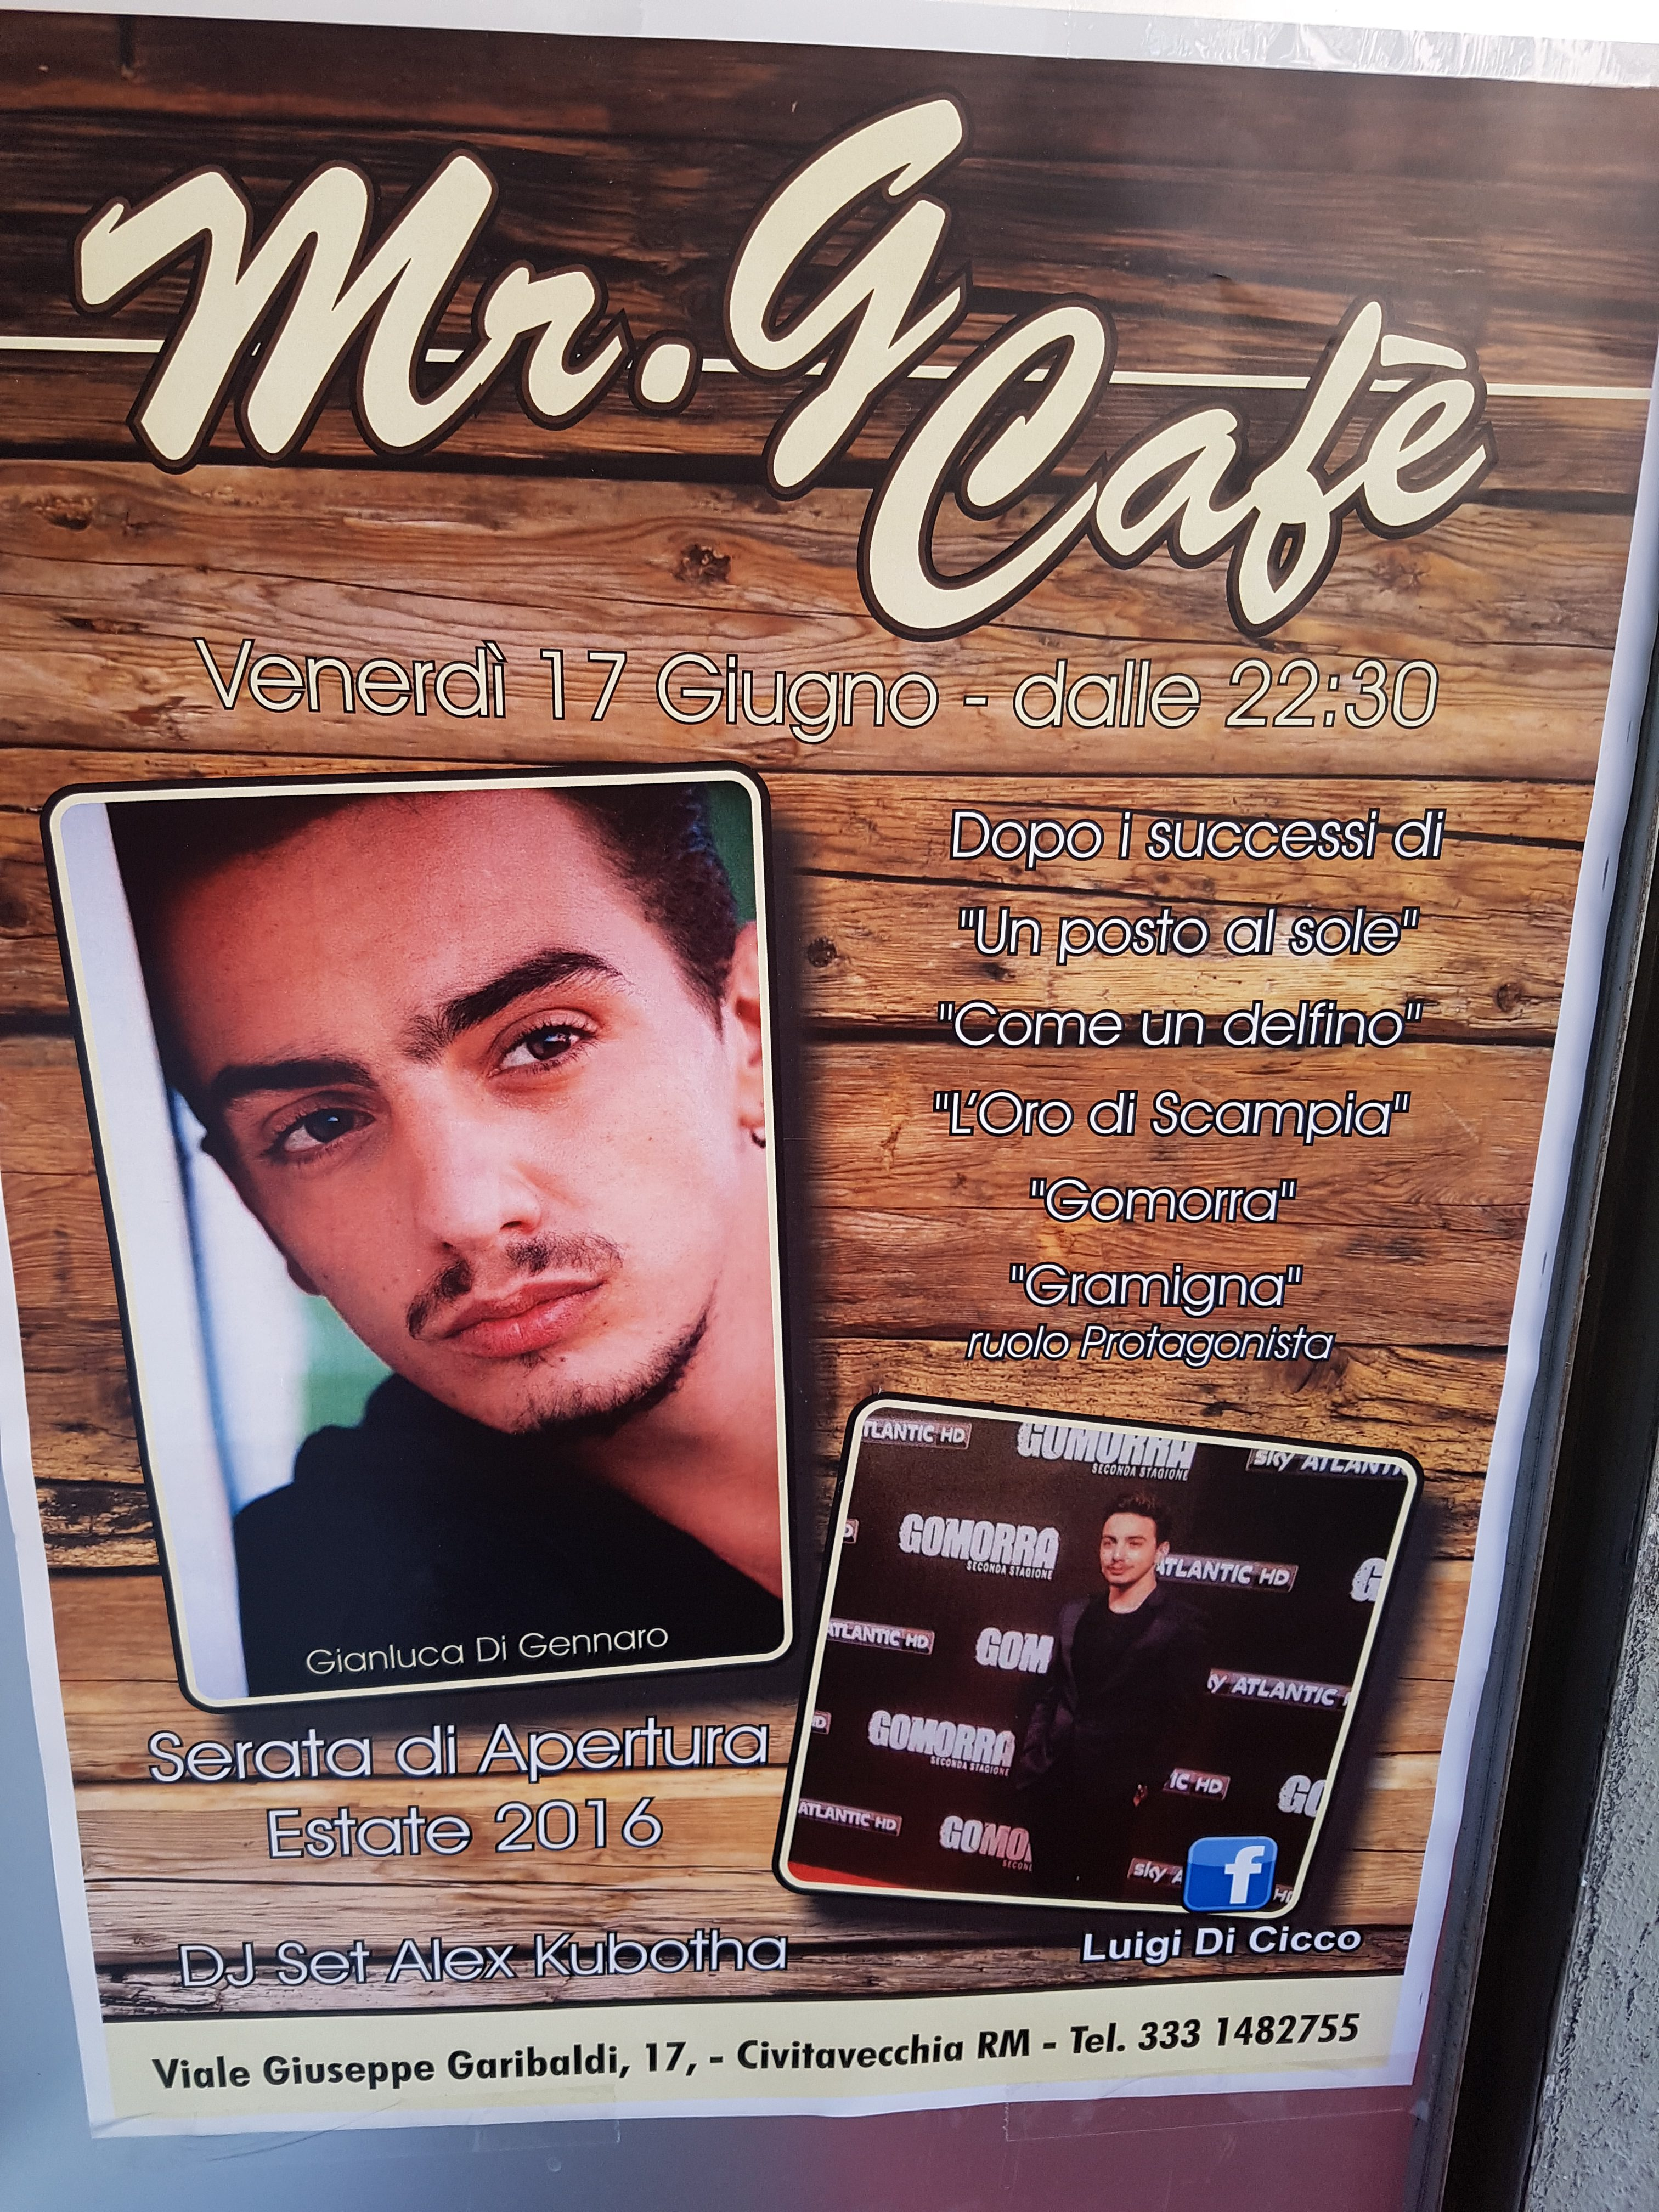 mr g cafè evento